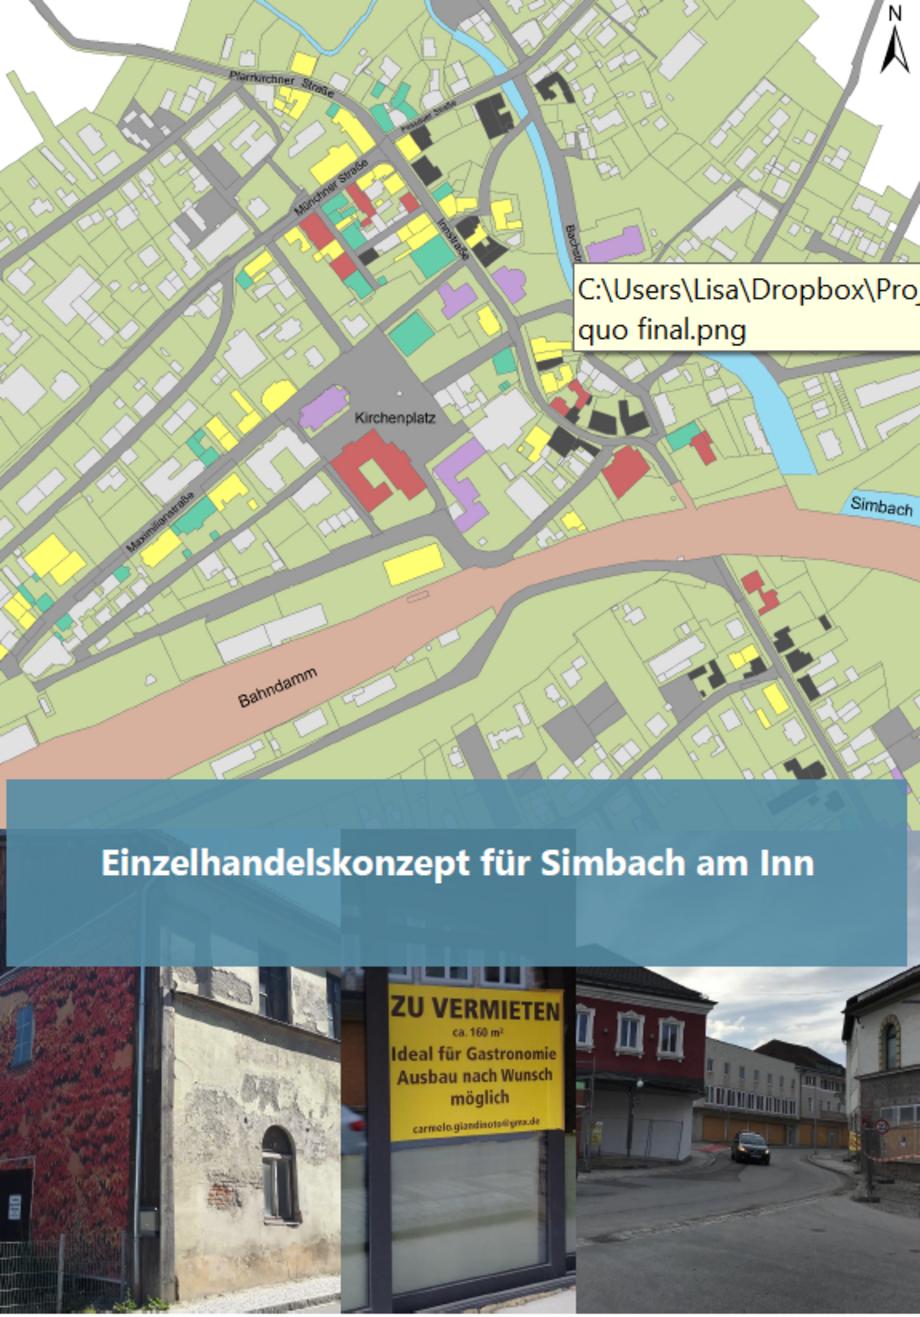 Neustart nach der Flut: Universität Passau erstellt städteplanerisches Entwicklungskonzept für Simbach/Inn